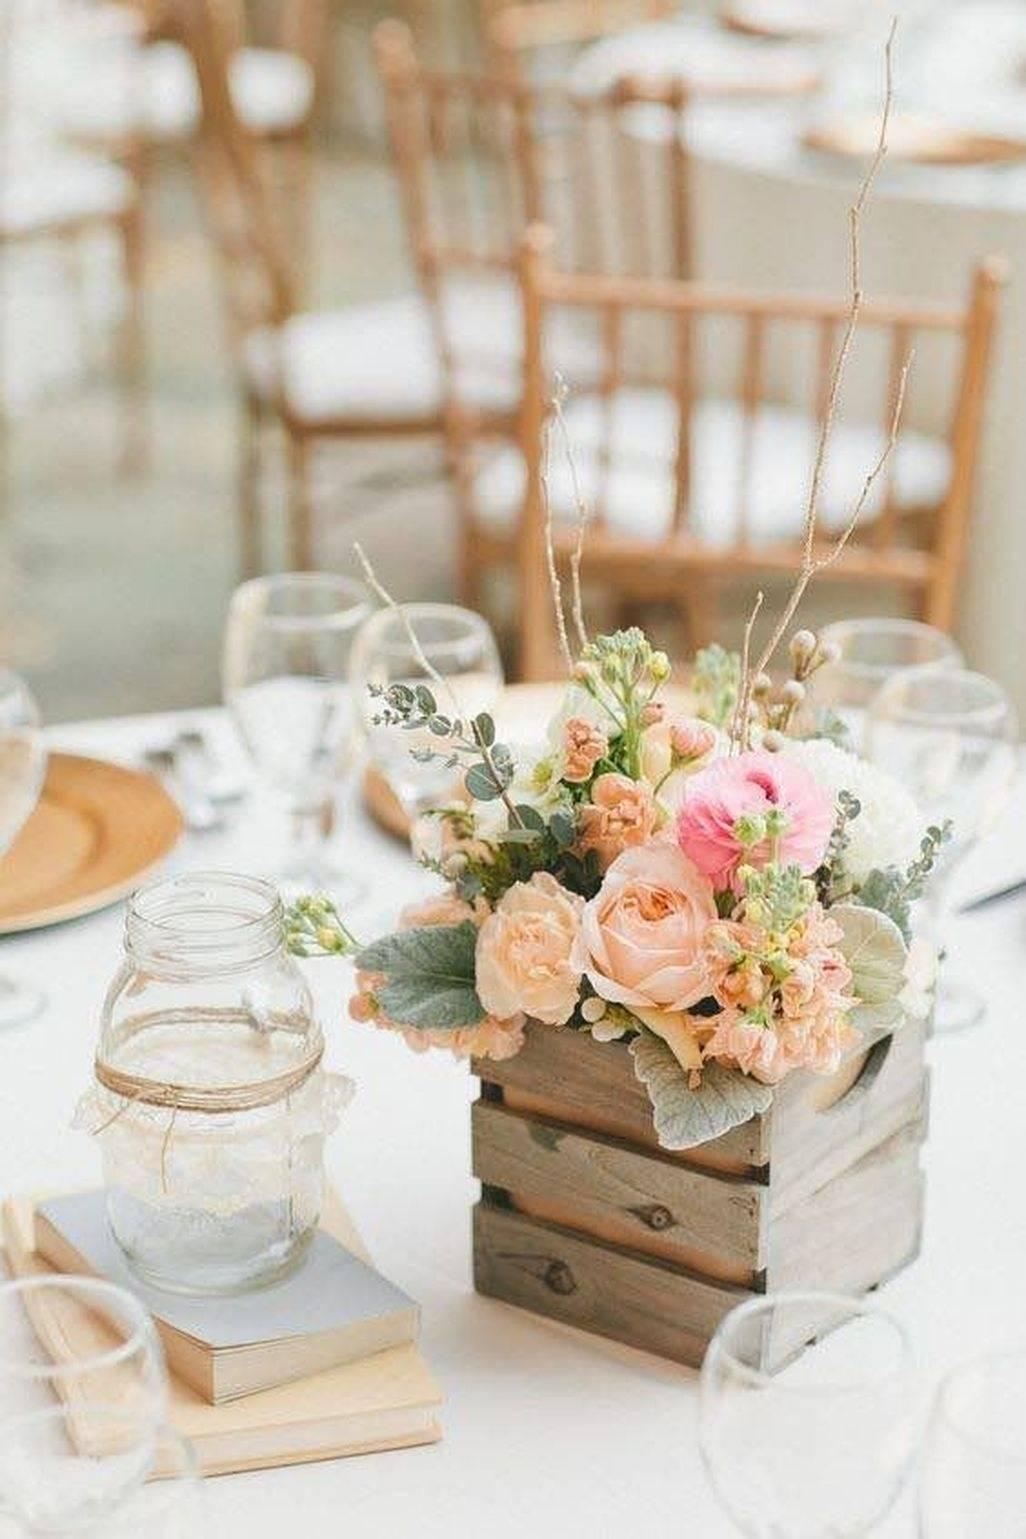 1c0db978d3a Centros de mesa  ideas para decorar la mesa del comedor